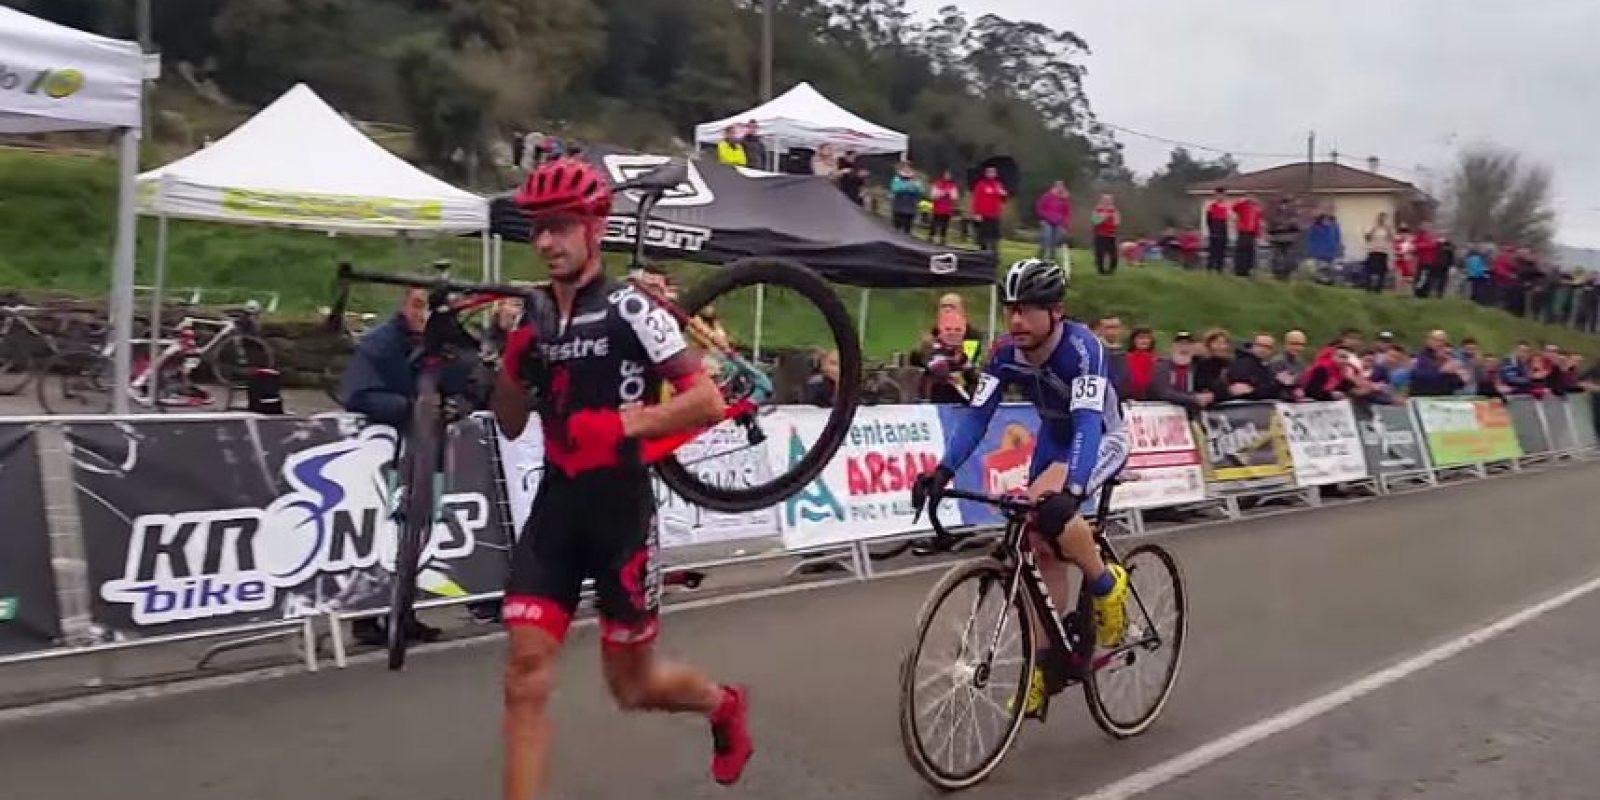 Los ciclistas asturianos Ismael Esteban y Agustín Navarro fueron protagonistas de un gran gesto de deportivismo. Foto:YouTube